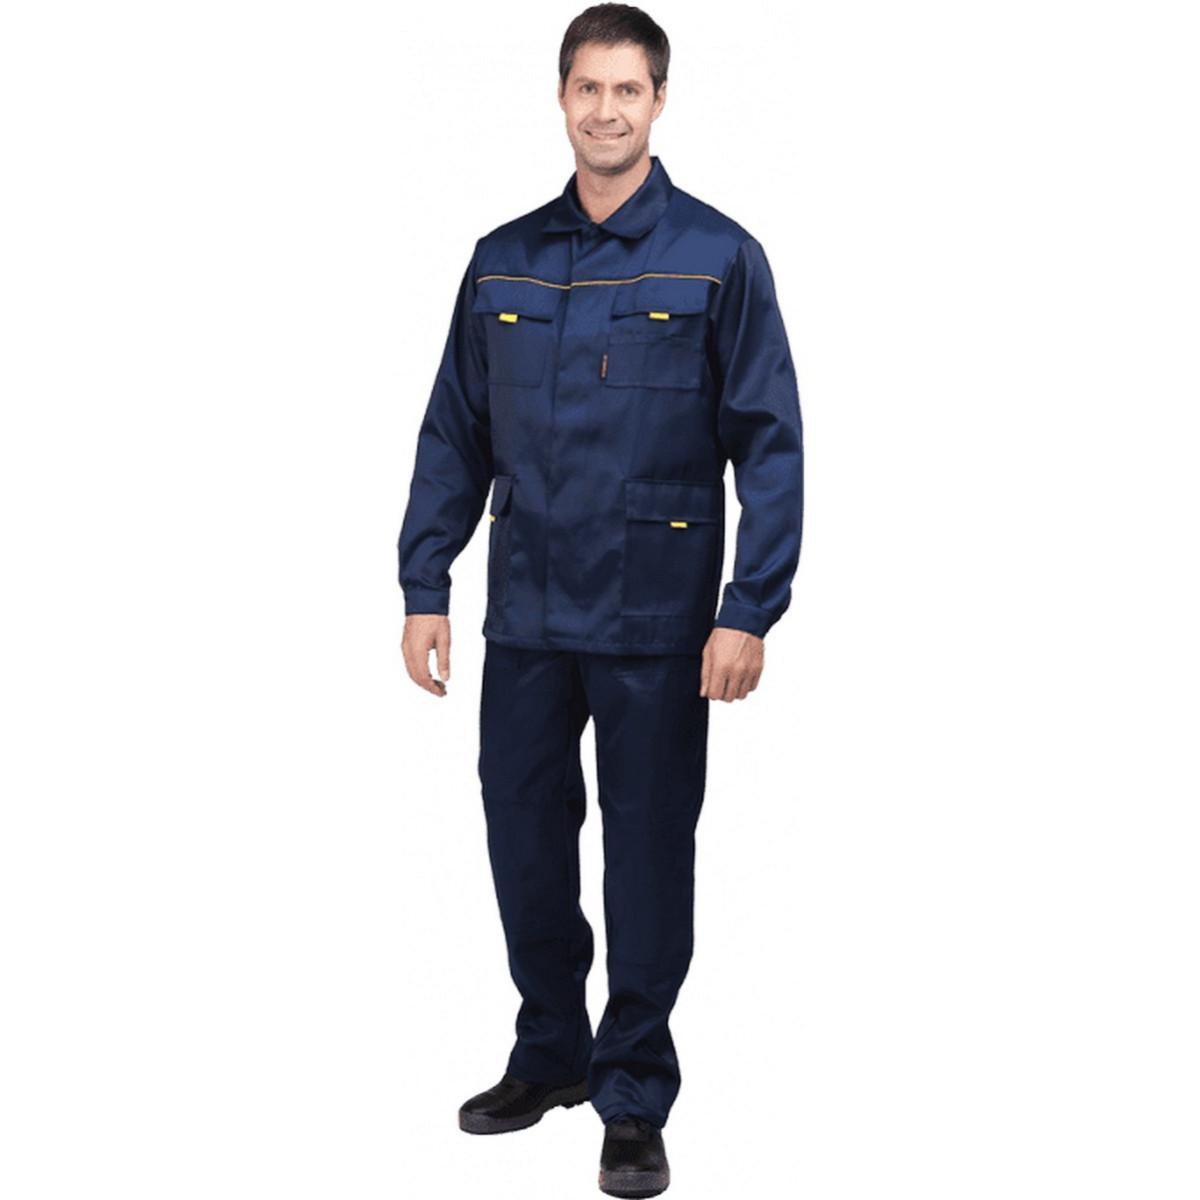 Костюм ВЫМПЕЛ-2 т/синий (куртка+п/к)  (разм. 104-108 рост 170-176)